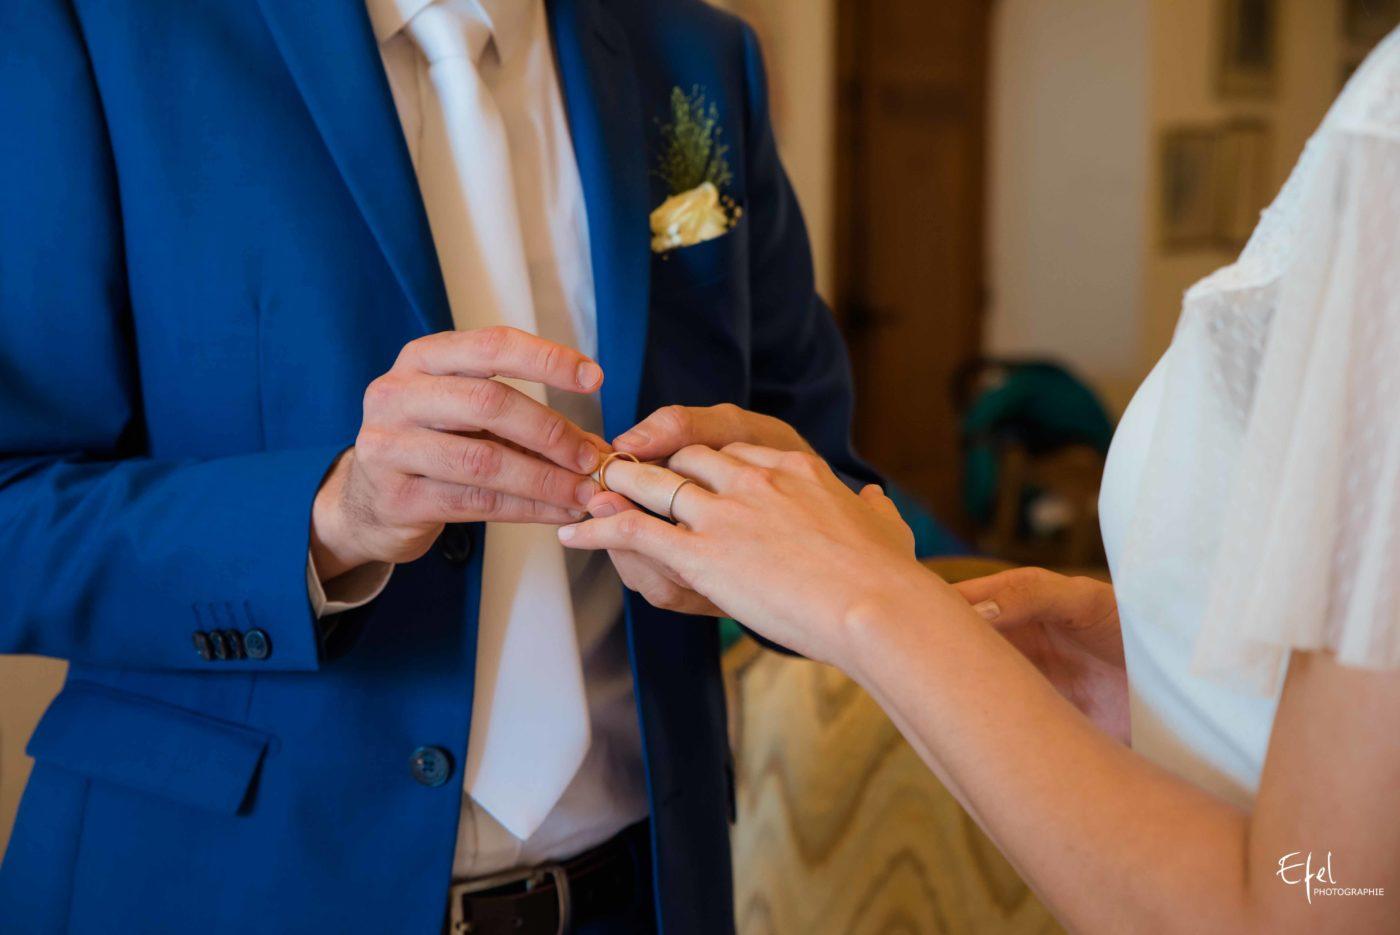 le marié passe la bague au doigt de la mariée - photographe de mariage gap, mariage briançon, mariage embrun